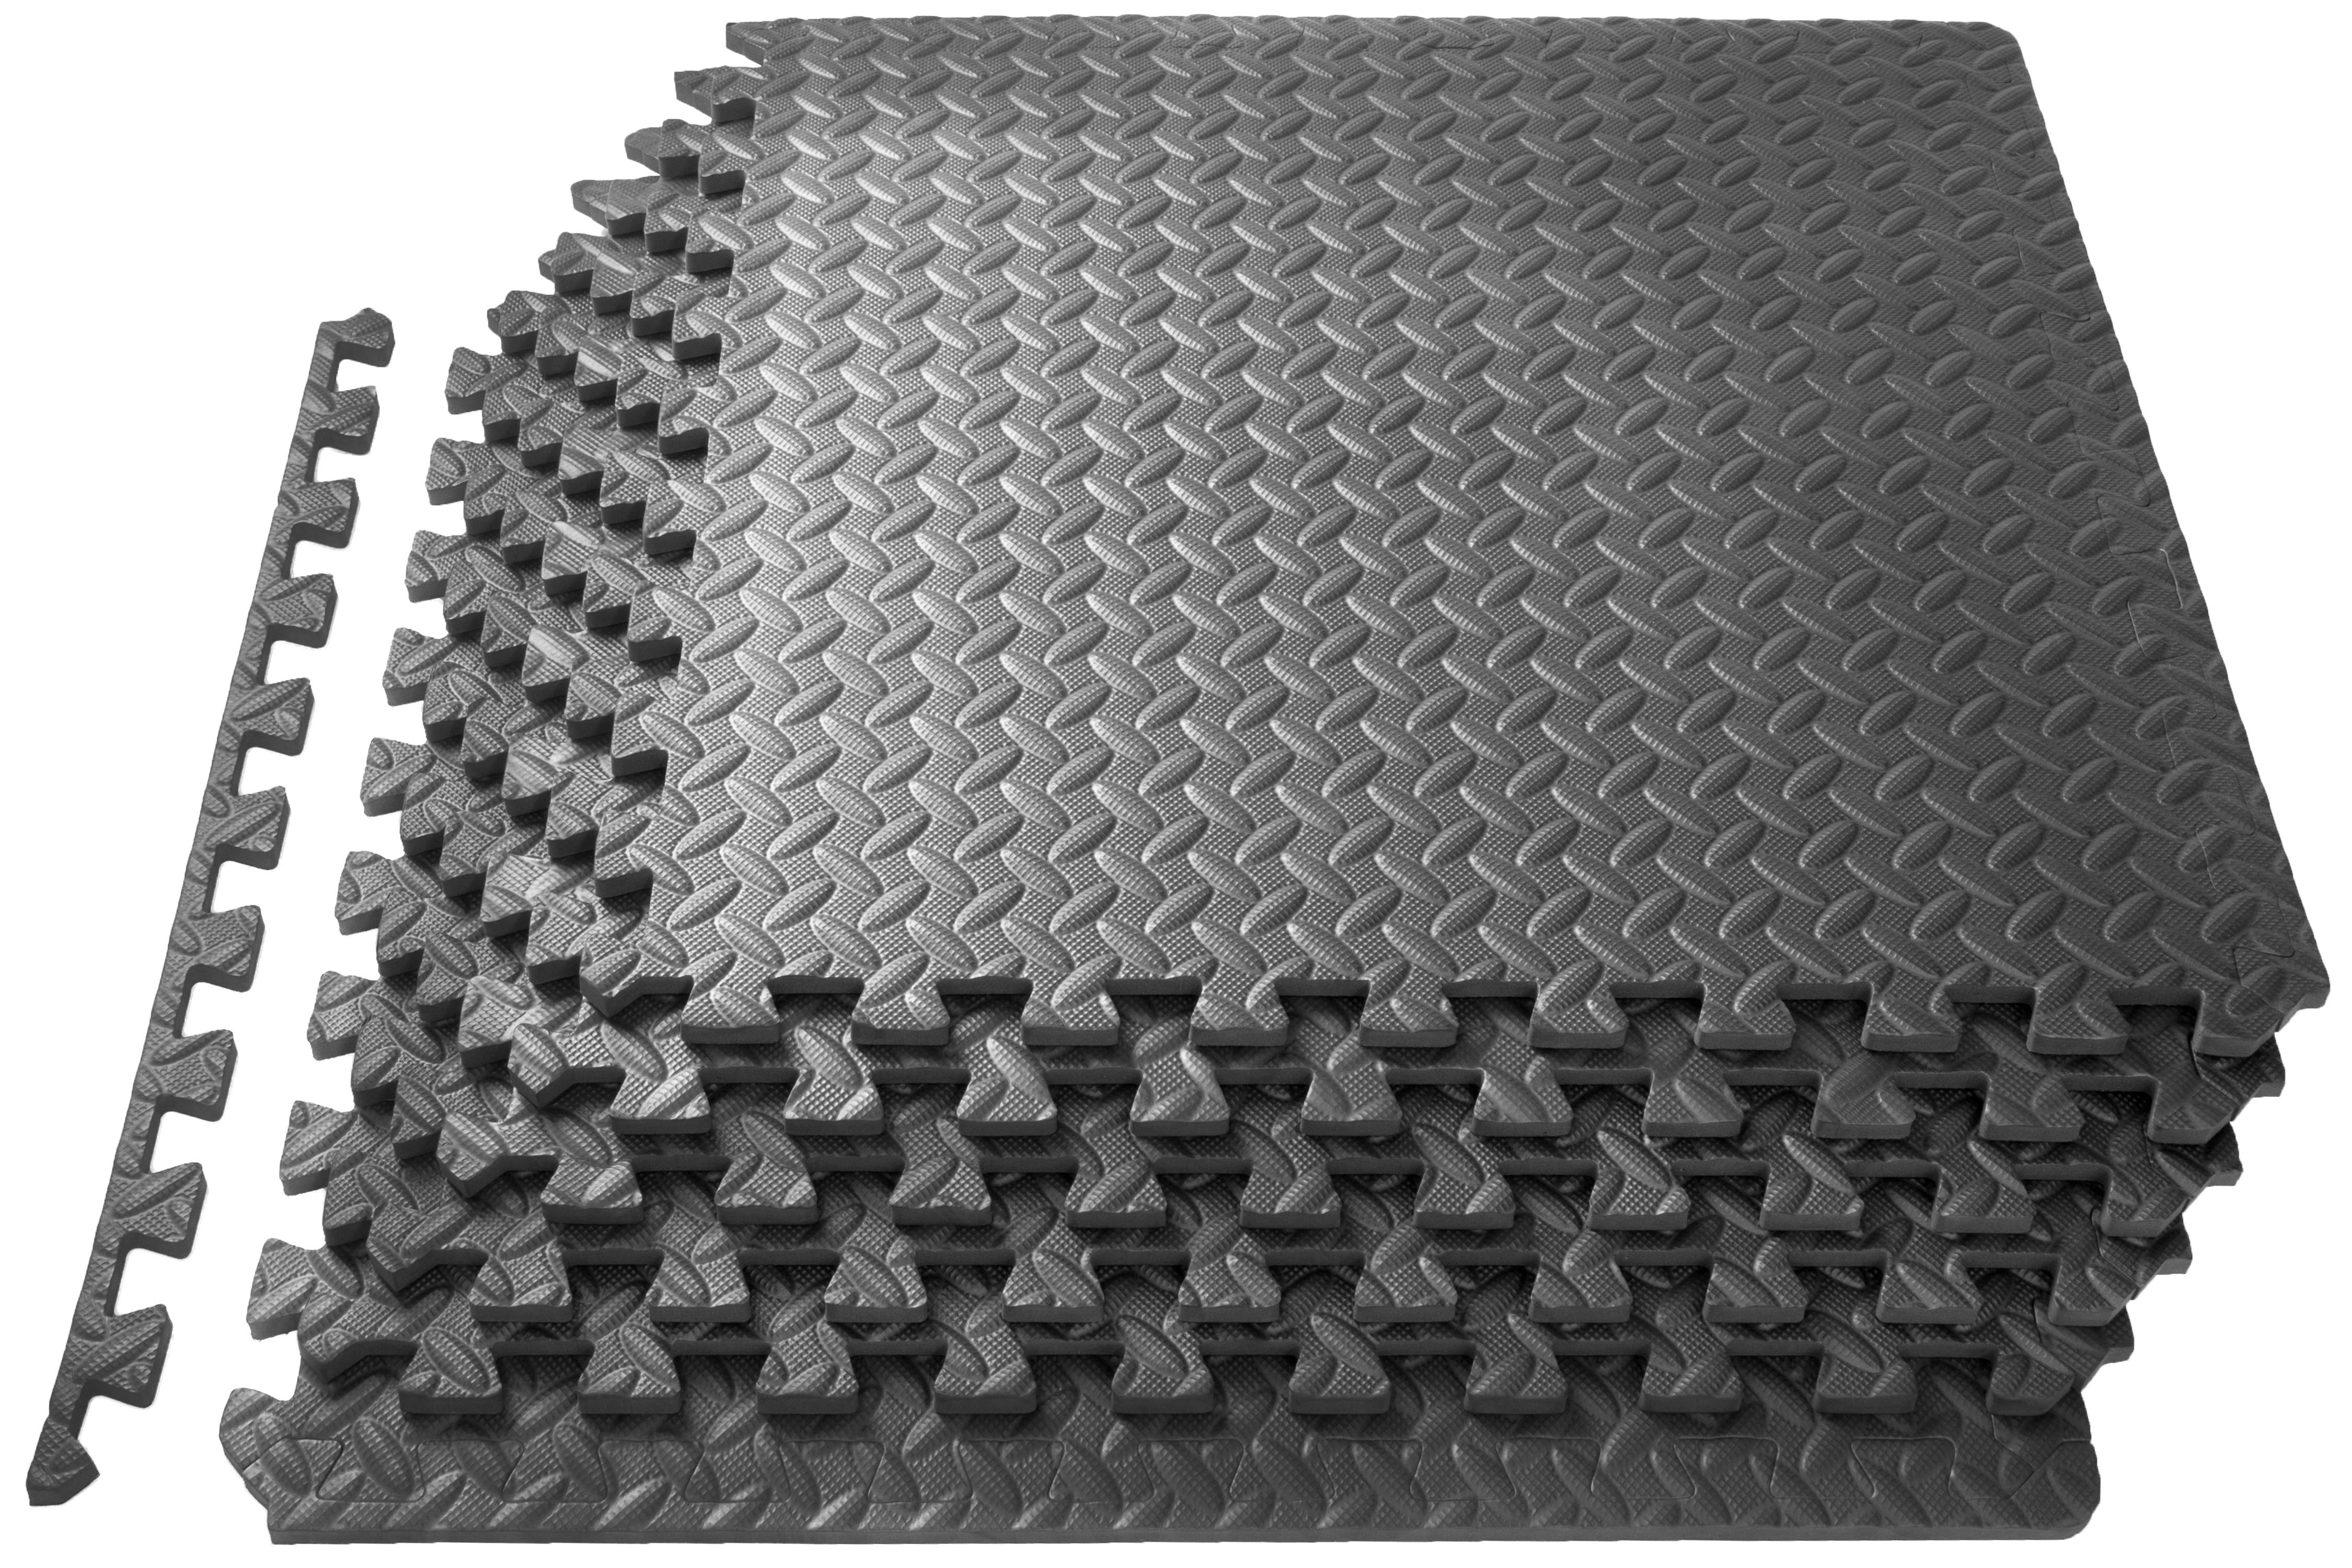 Prosource Puzzle Exercise Mat Eva Foam Interlocking Tiles